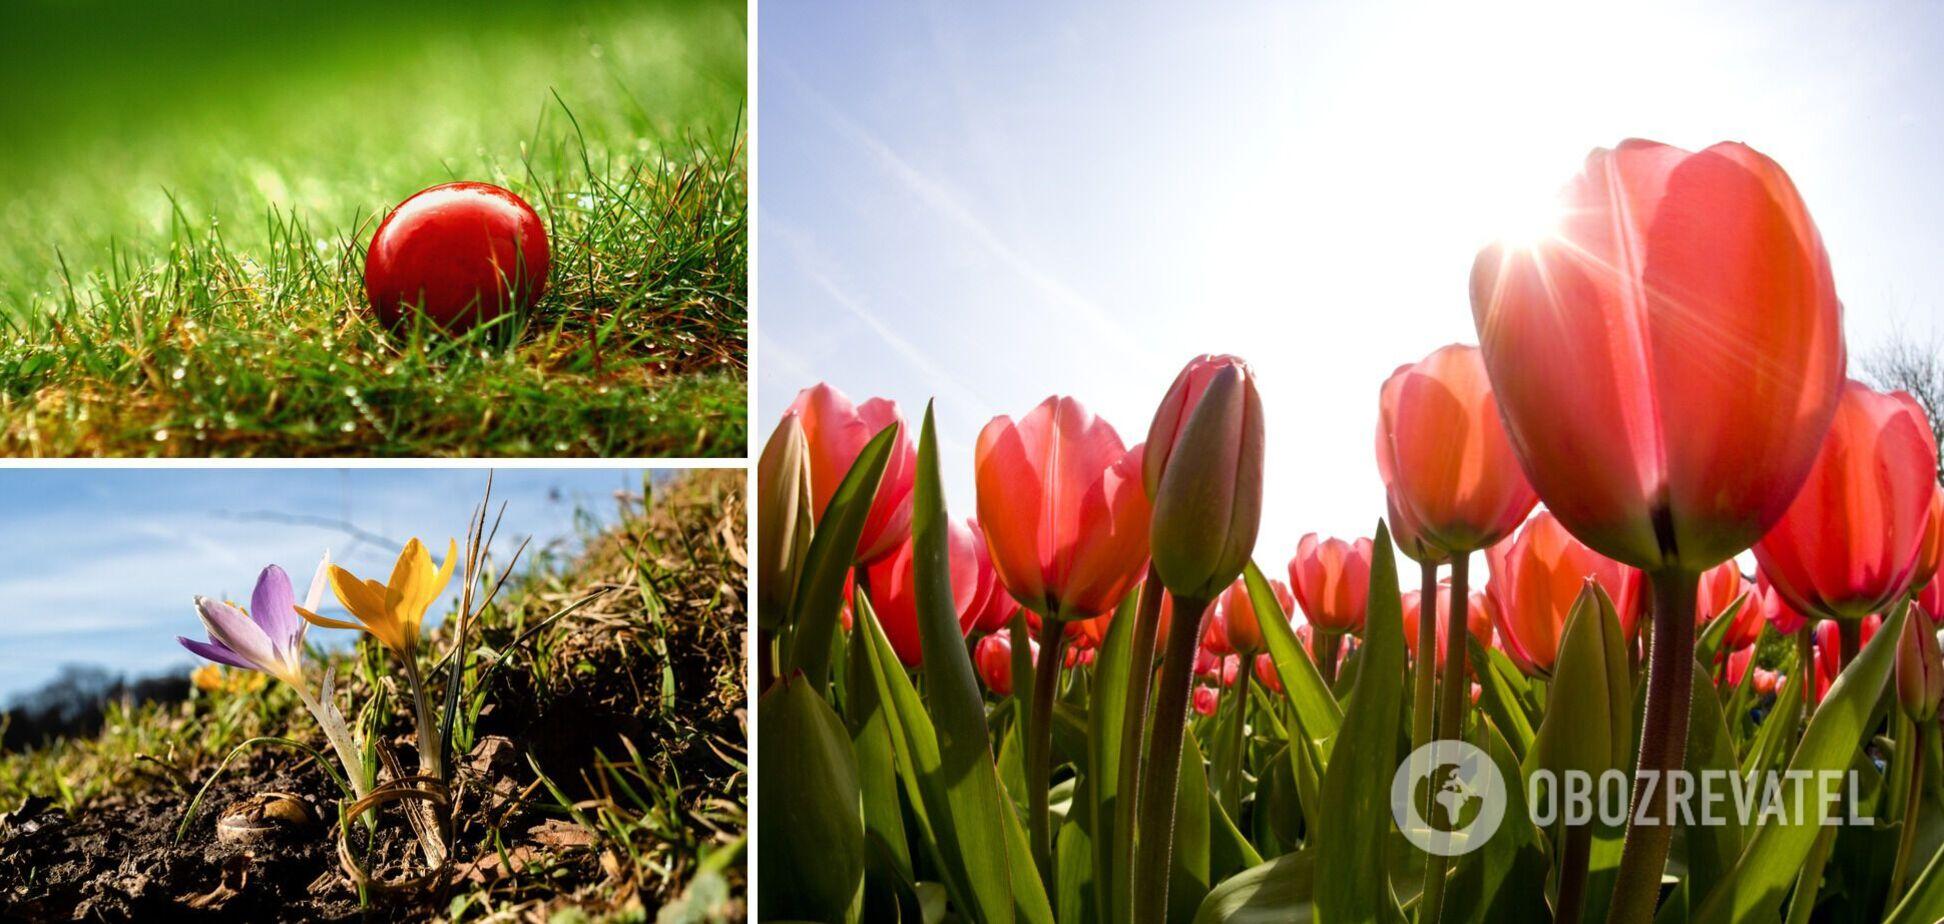 Тепло вернется, но весна будет нестабильной: синоптики уточнили погоду до Пасхи и майских праздников